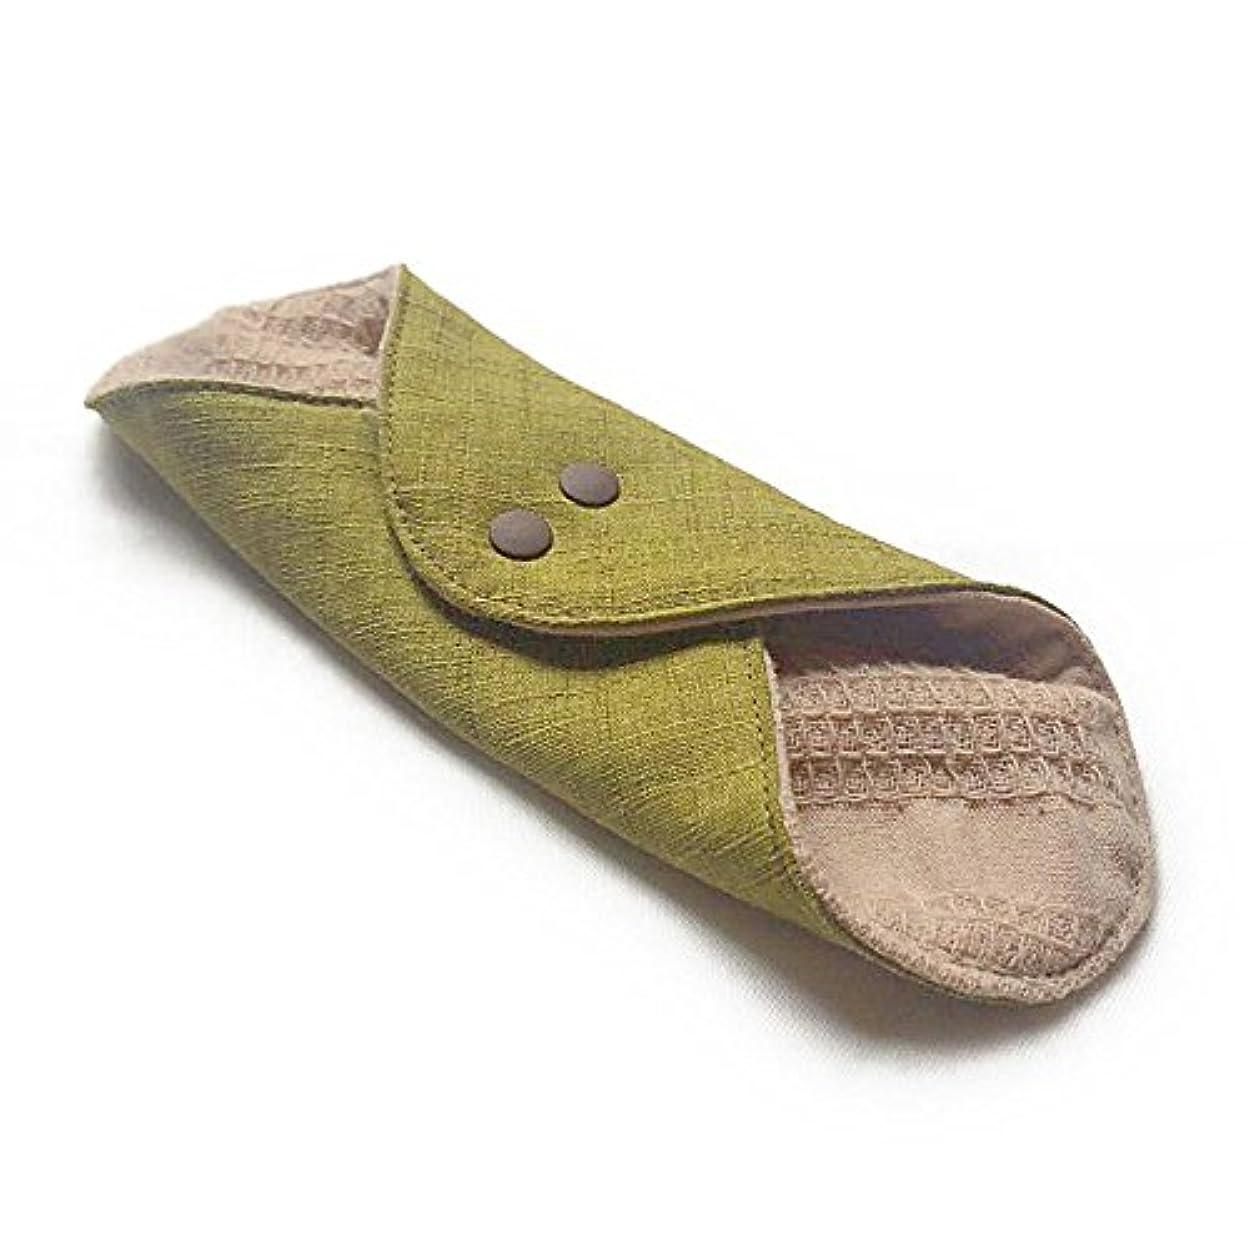 応じる医薬品仮定華布のオーガニックコットンのあたため布 Mサイズ(約15×約15cm) 彩り(抹茶)